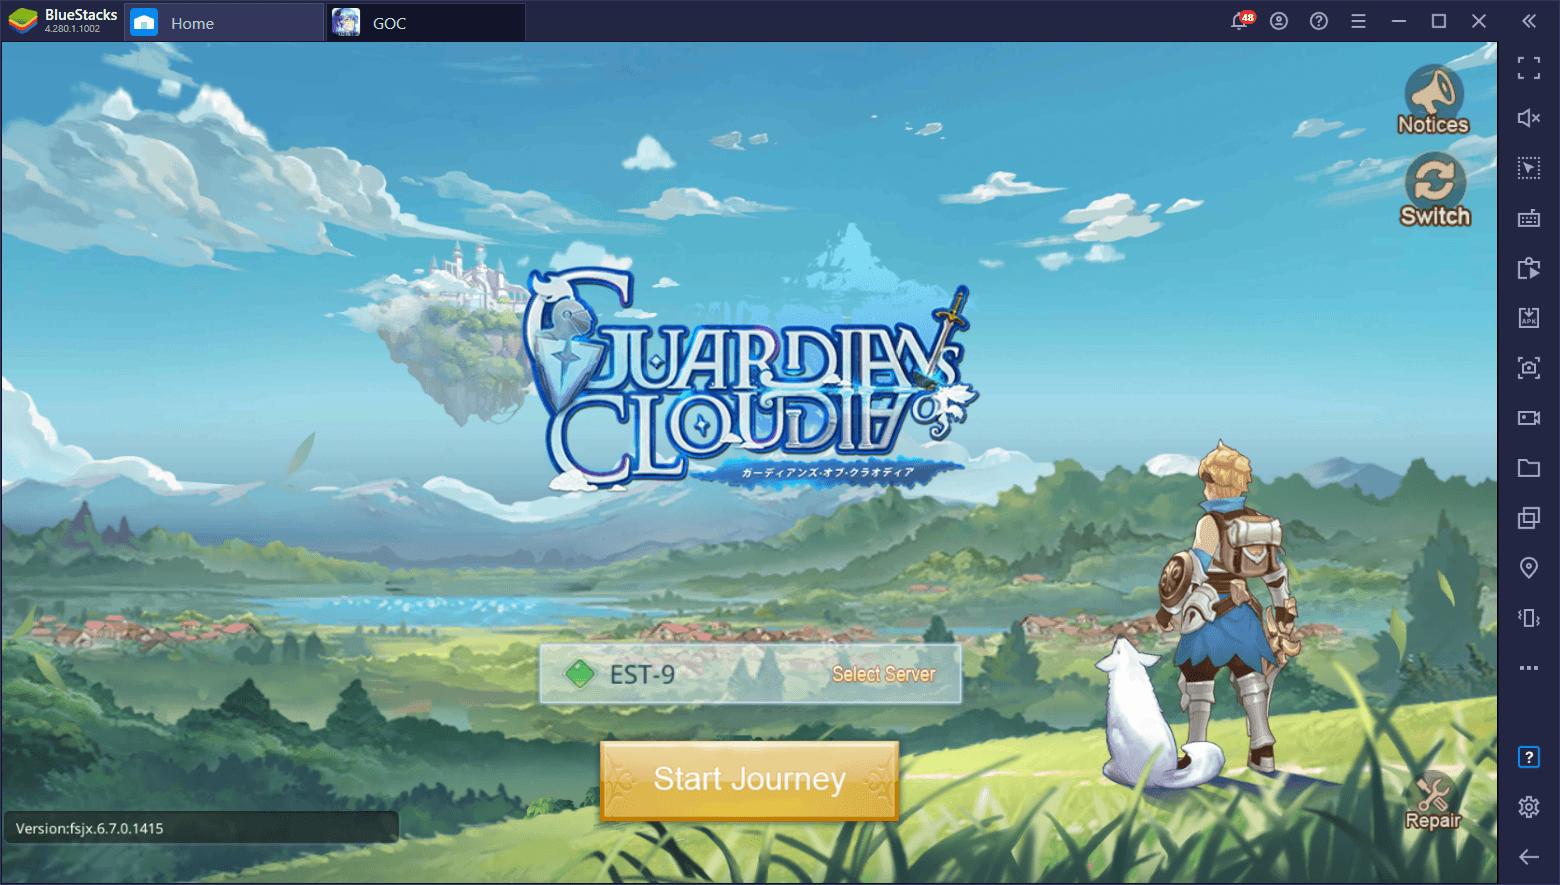 كيفية تحميل ولعب لعبة Guardians of Cloudia على جهاز الكمبيوتر